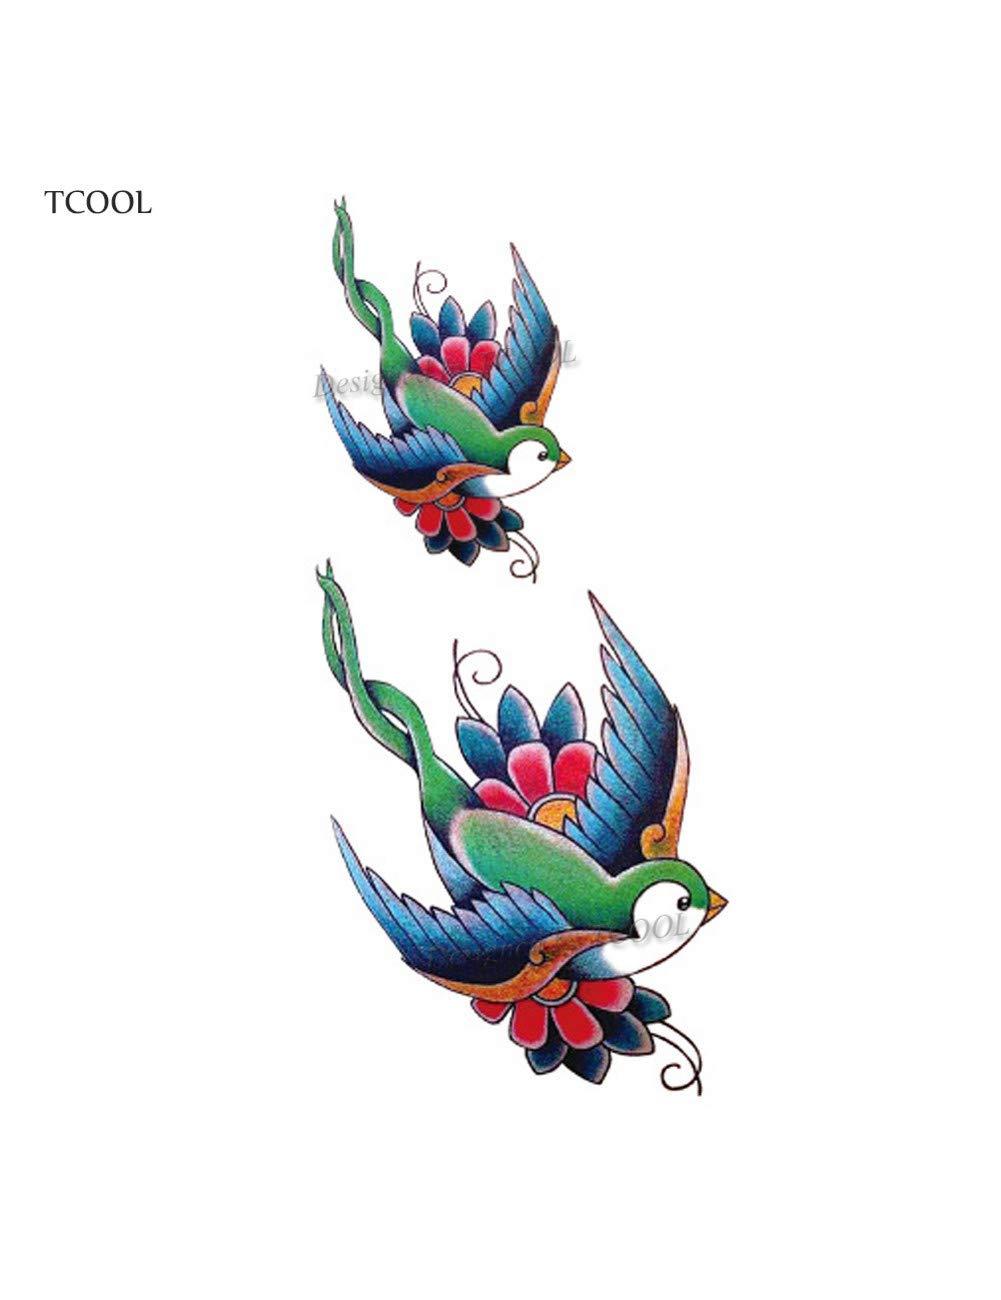 ASTTY Etiqueta Engomada del Tatuaje Gorrión Colorido Pájaros ...